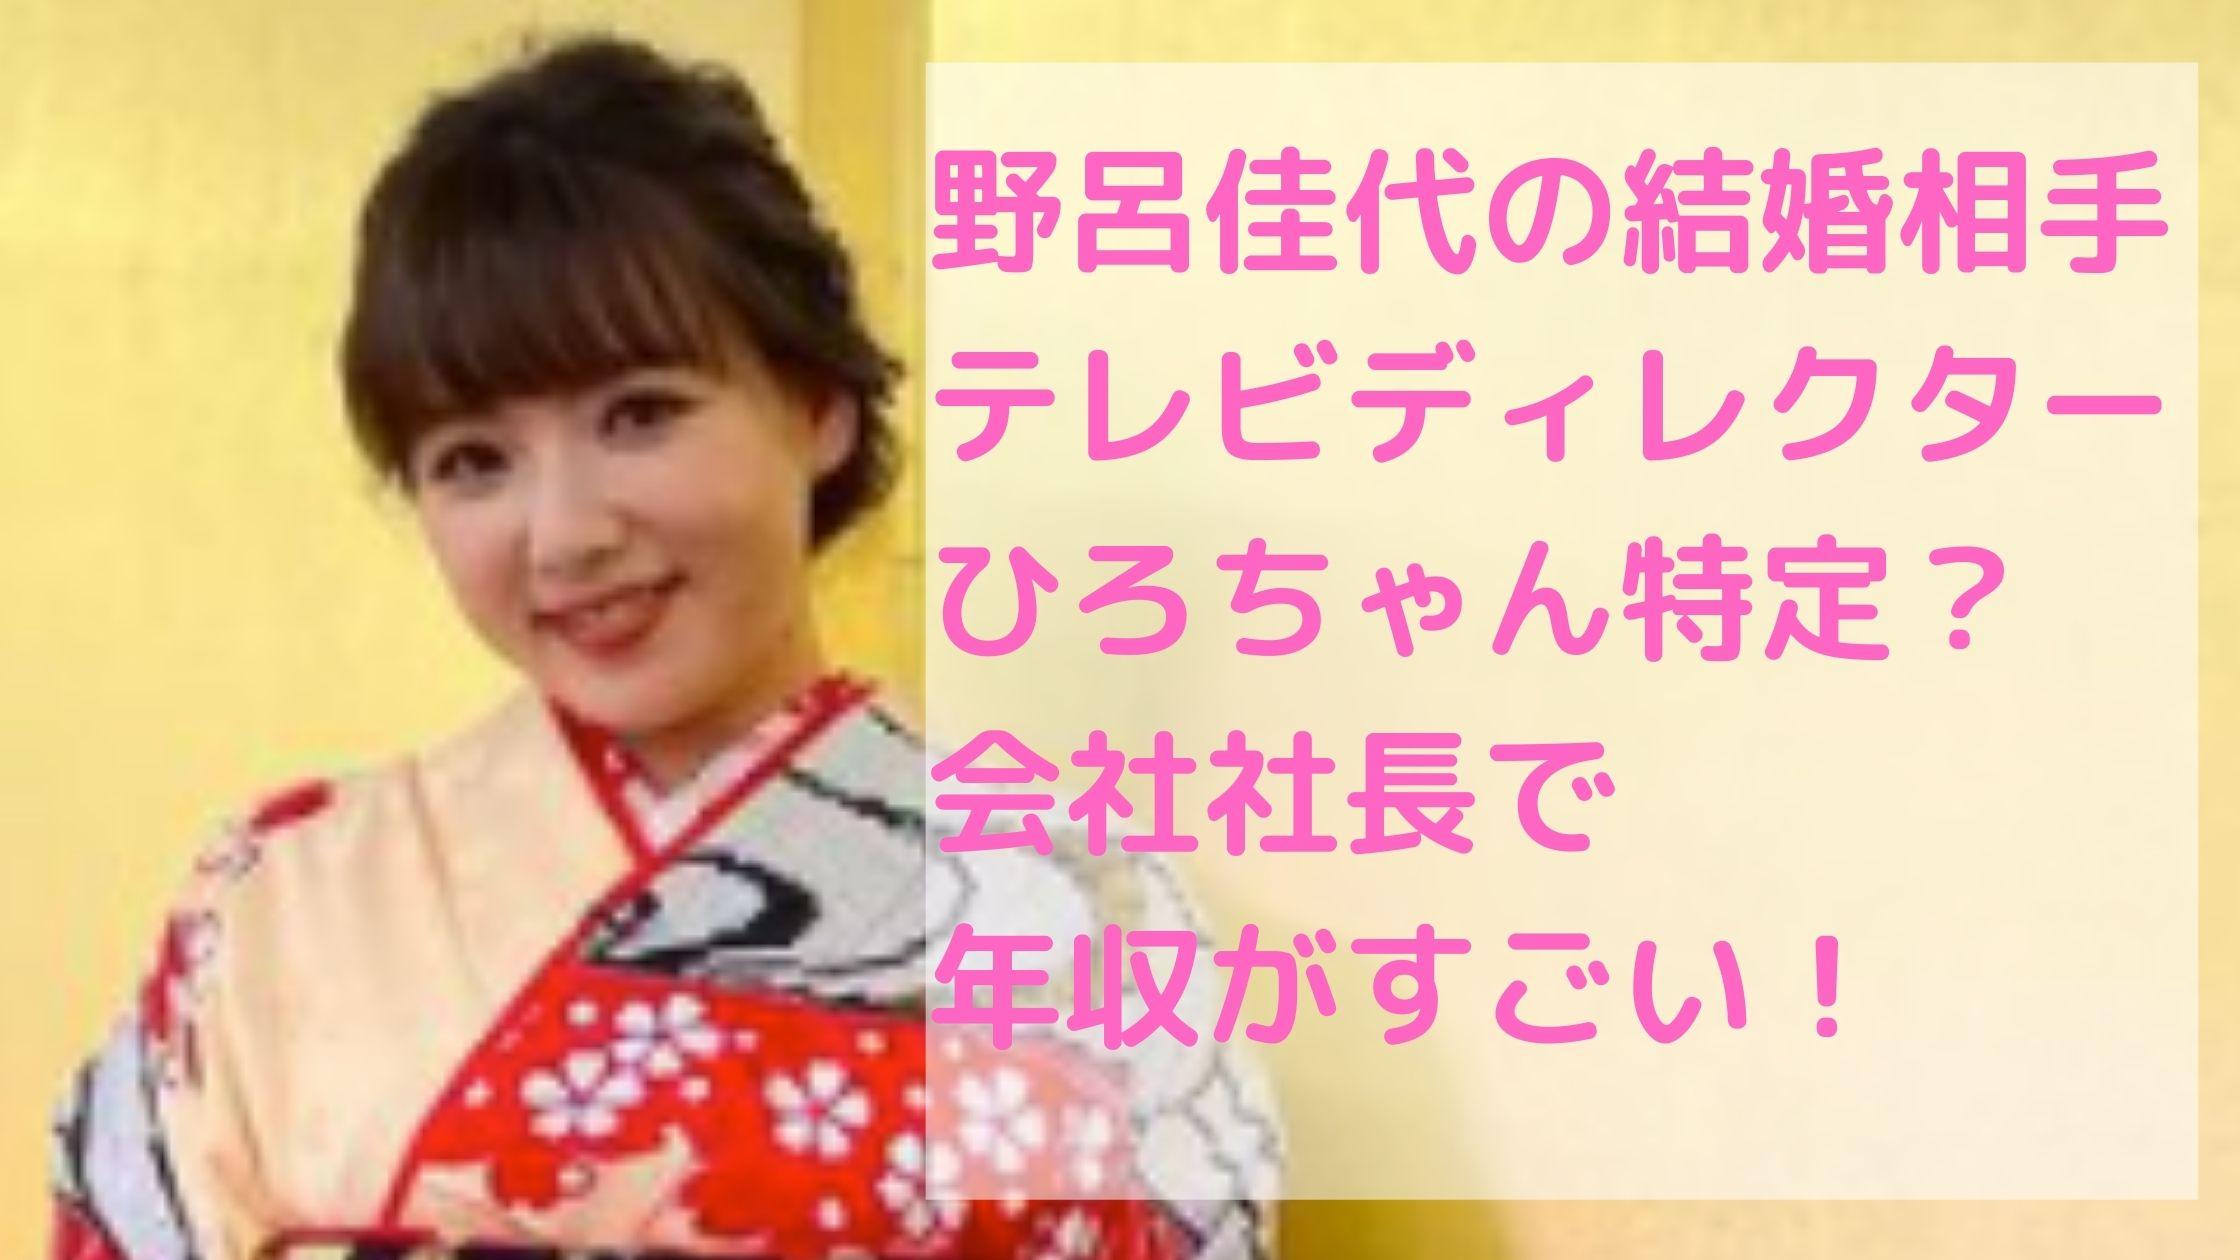 野呂佳代 結婚相手 彼氏 テレビディレクター ひろちゃん 麻生裕久 特定 年収 馴れ初め